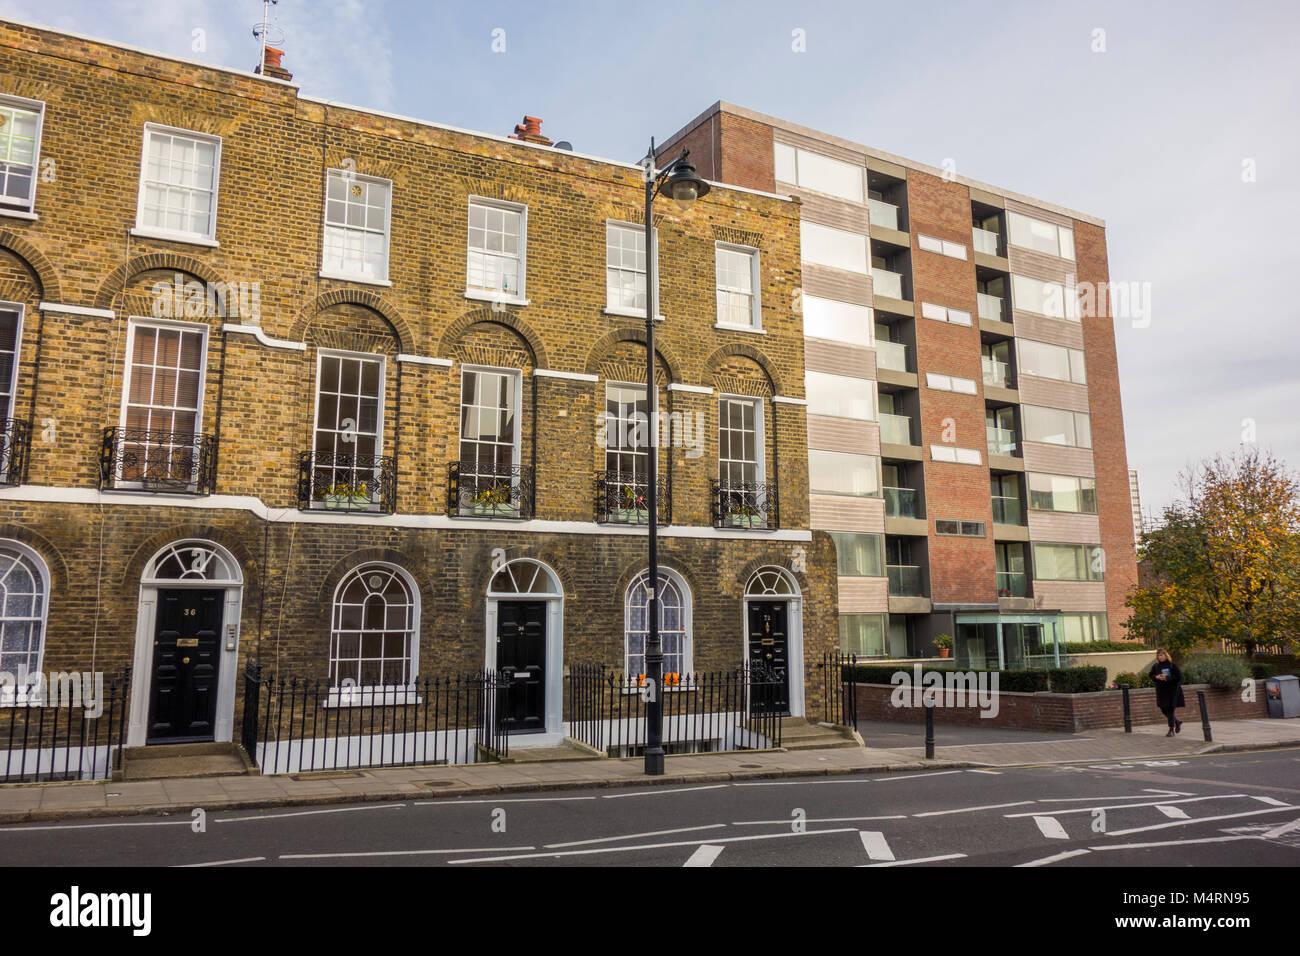 Contraste de viejas y nuevas casas adosadas georgianas y modernos apartamentos en Amwell Street, Clerkenwell, London, Imagen De Stock